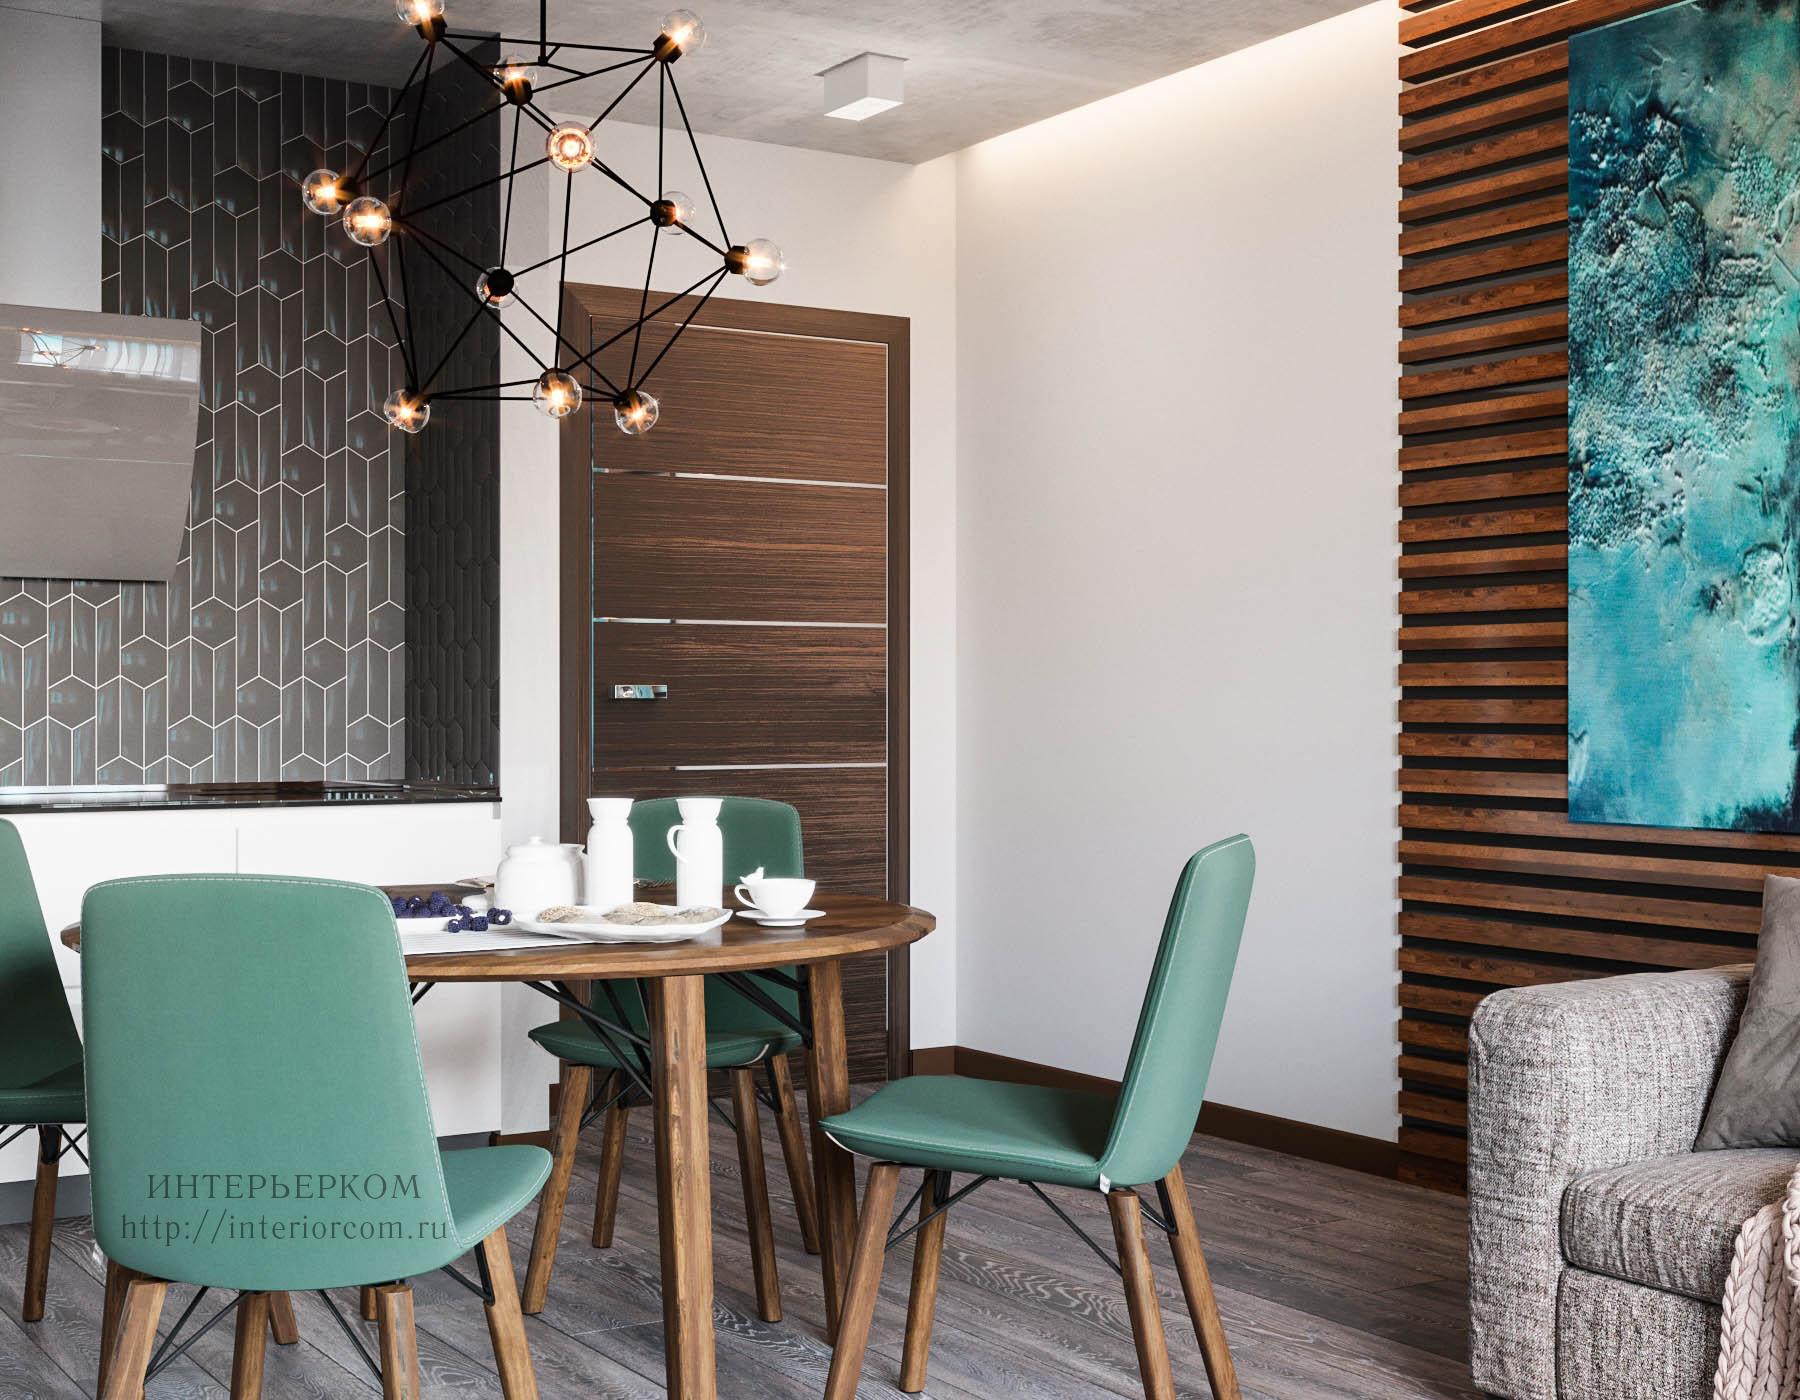 кухня-гостиная в проекте студии Интерьерком